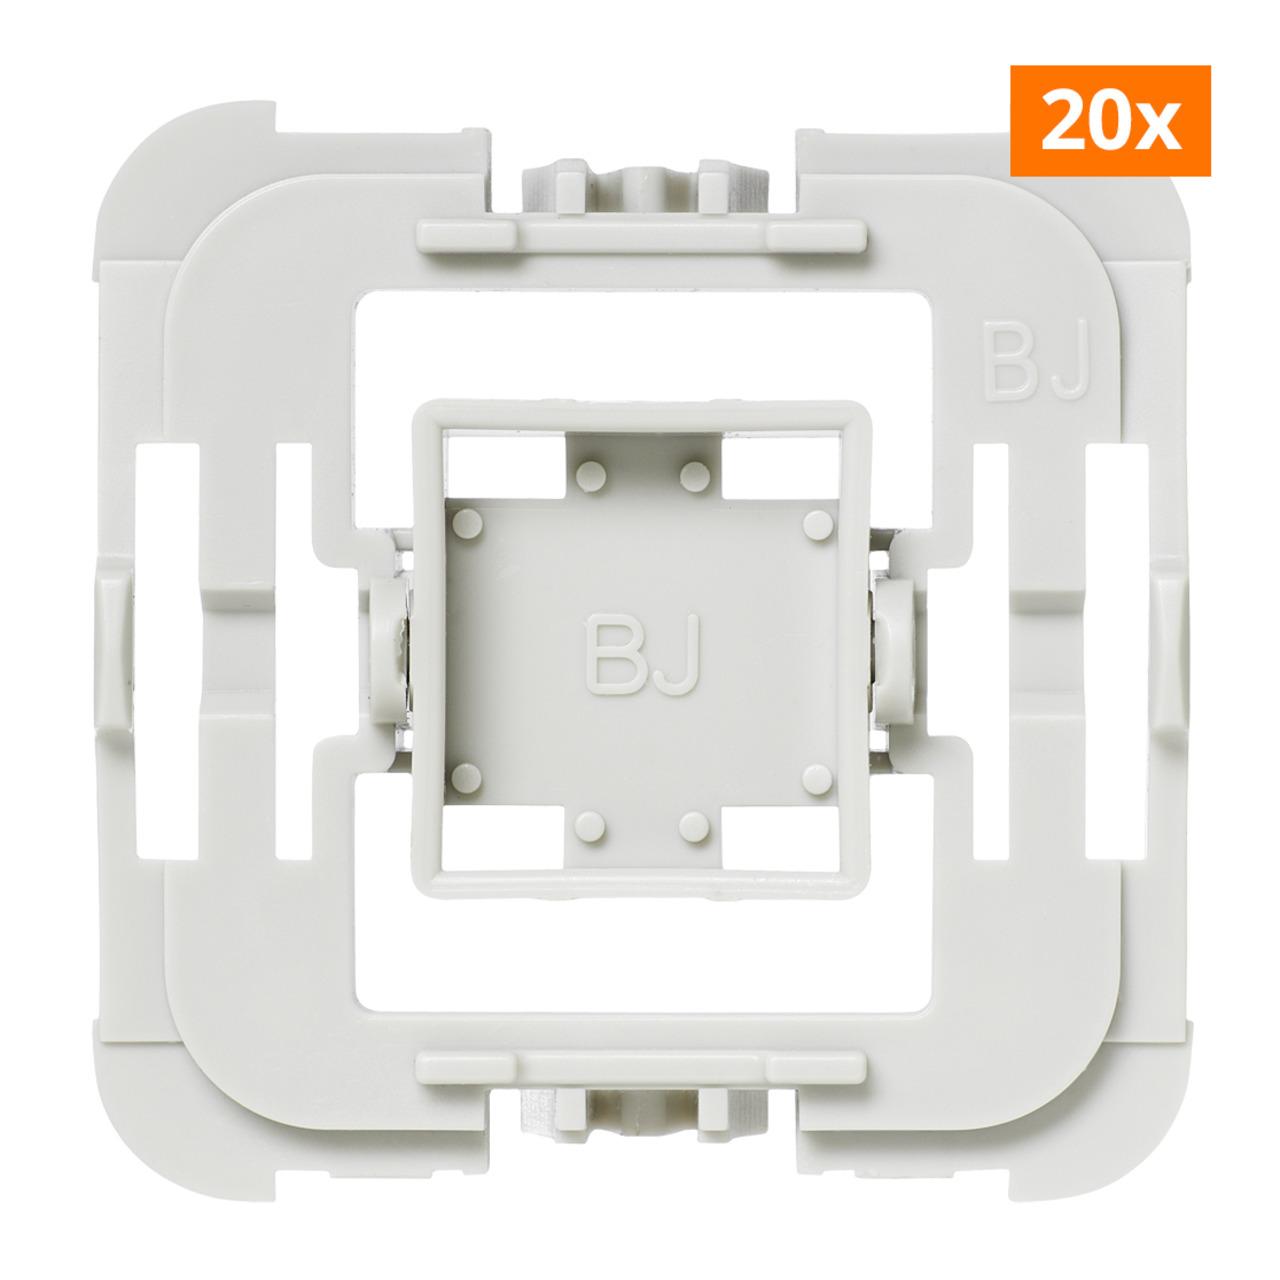 Installationsadapter für Busch-Jäger-Schalter- 20er-Set für Smart Home - Hausautomation